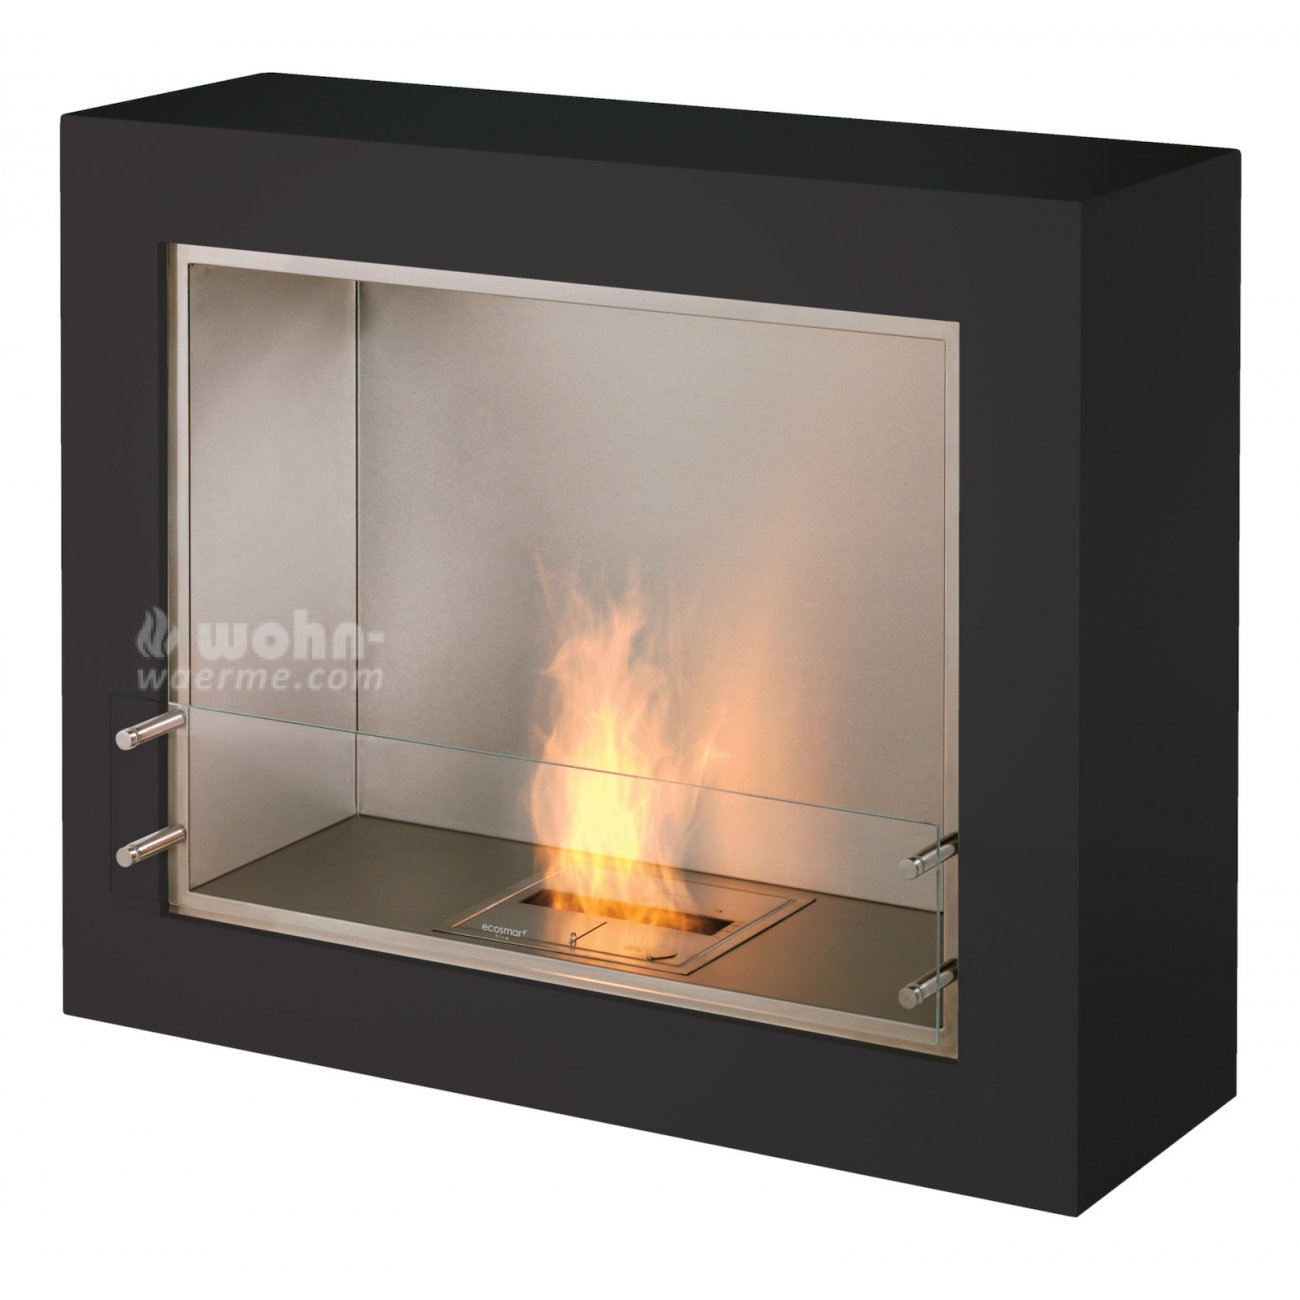 ecosmart design ethanol kamin aspect. Black Bedroom Furniture Sets. Home Design Ideas